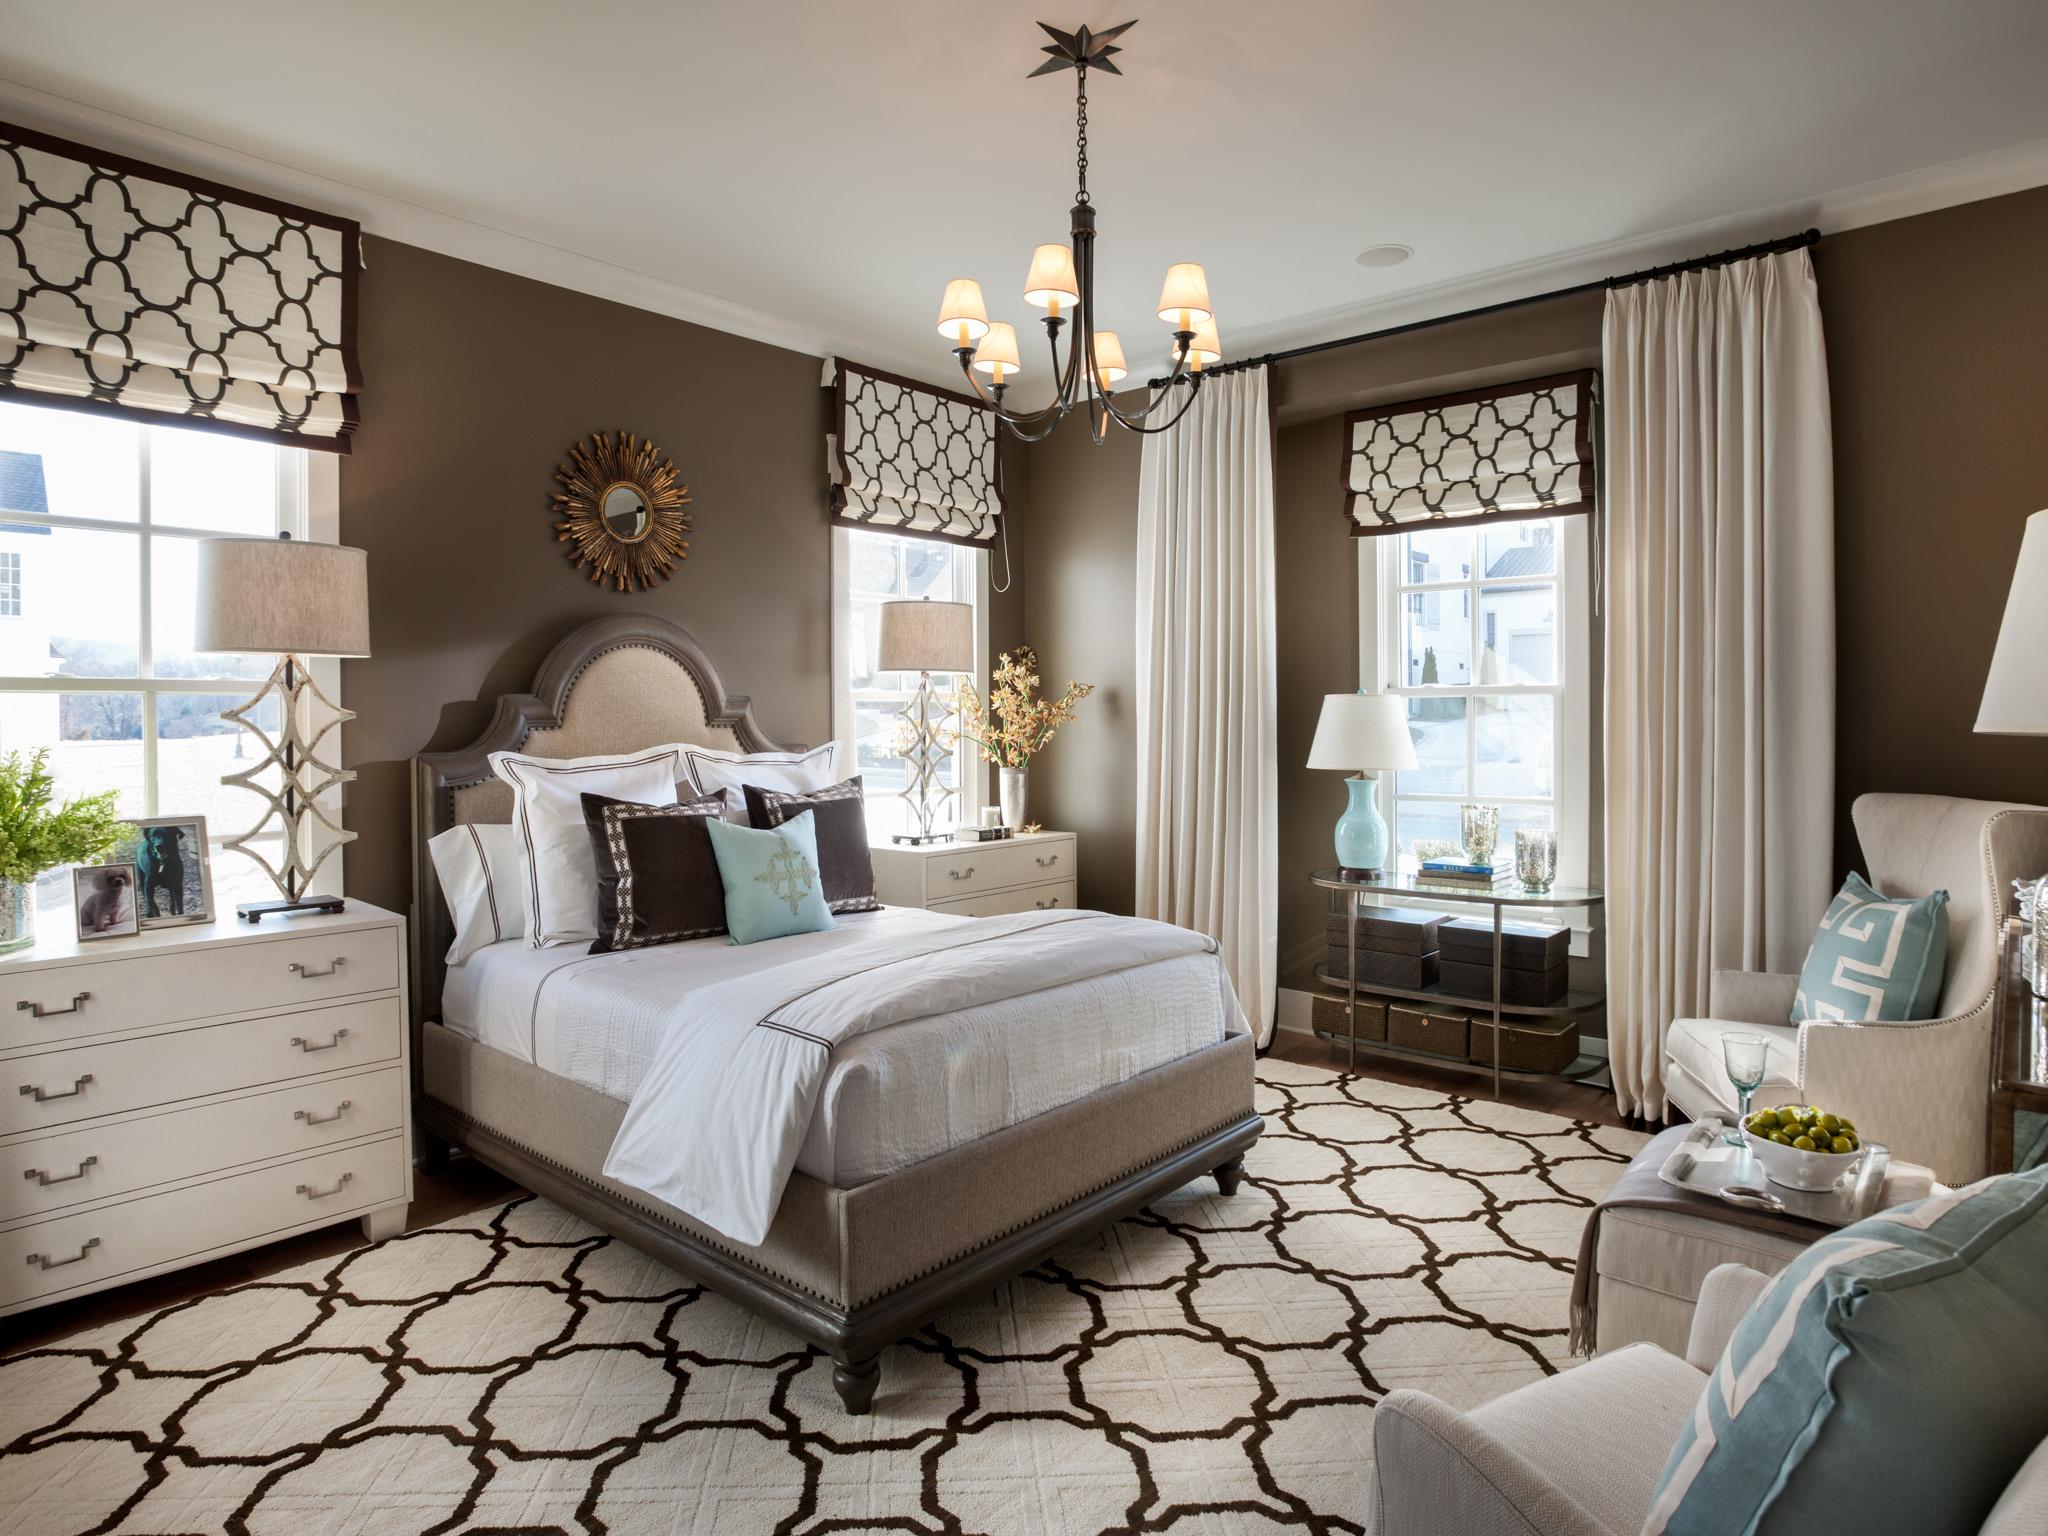 25 Stunning Master Bedroom Ideas on Master Bedroom Curtains  id=84848